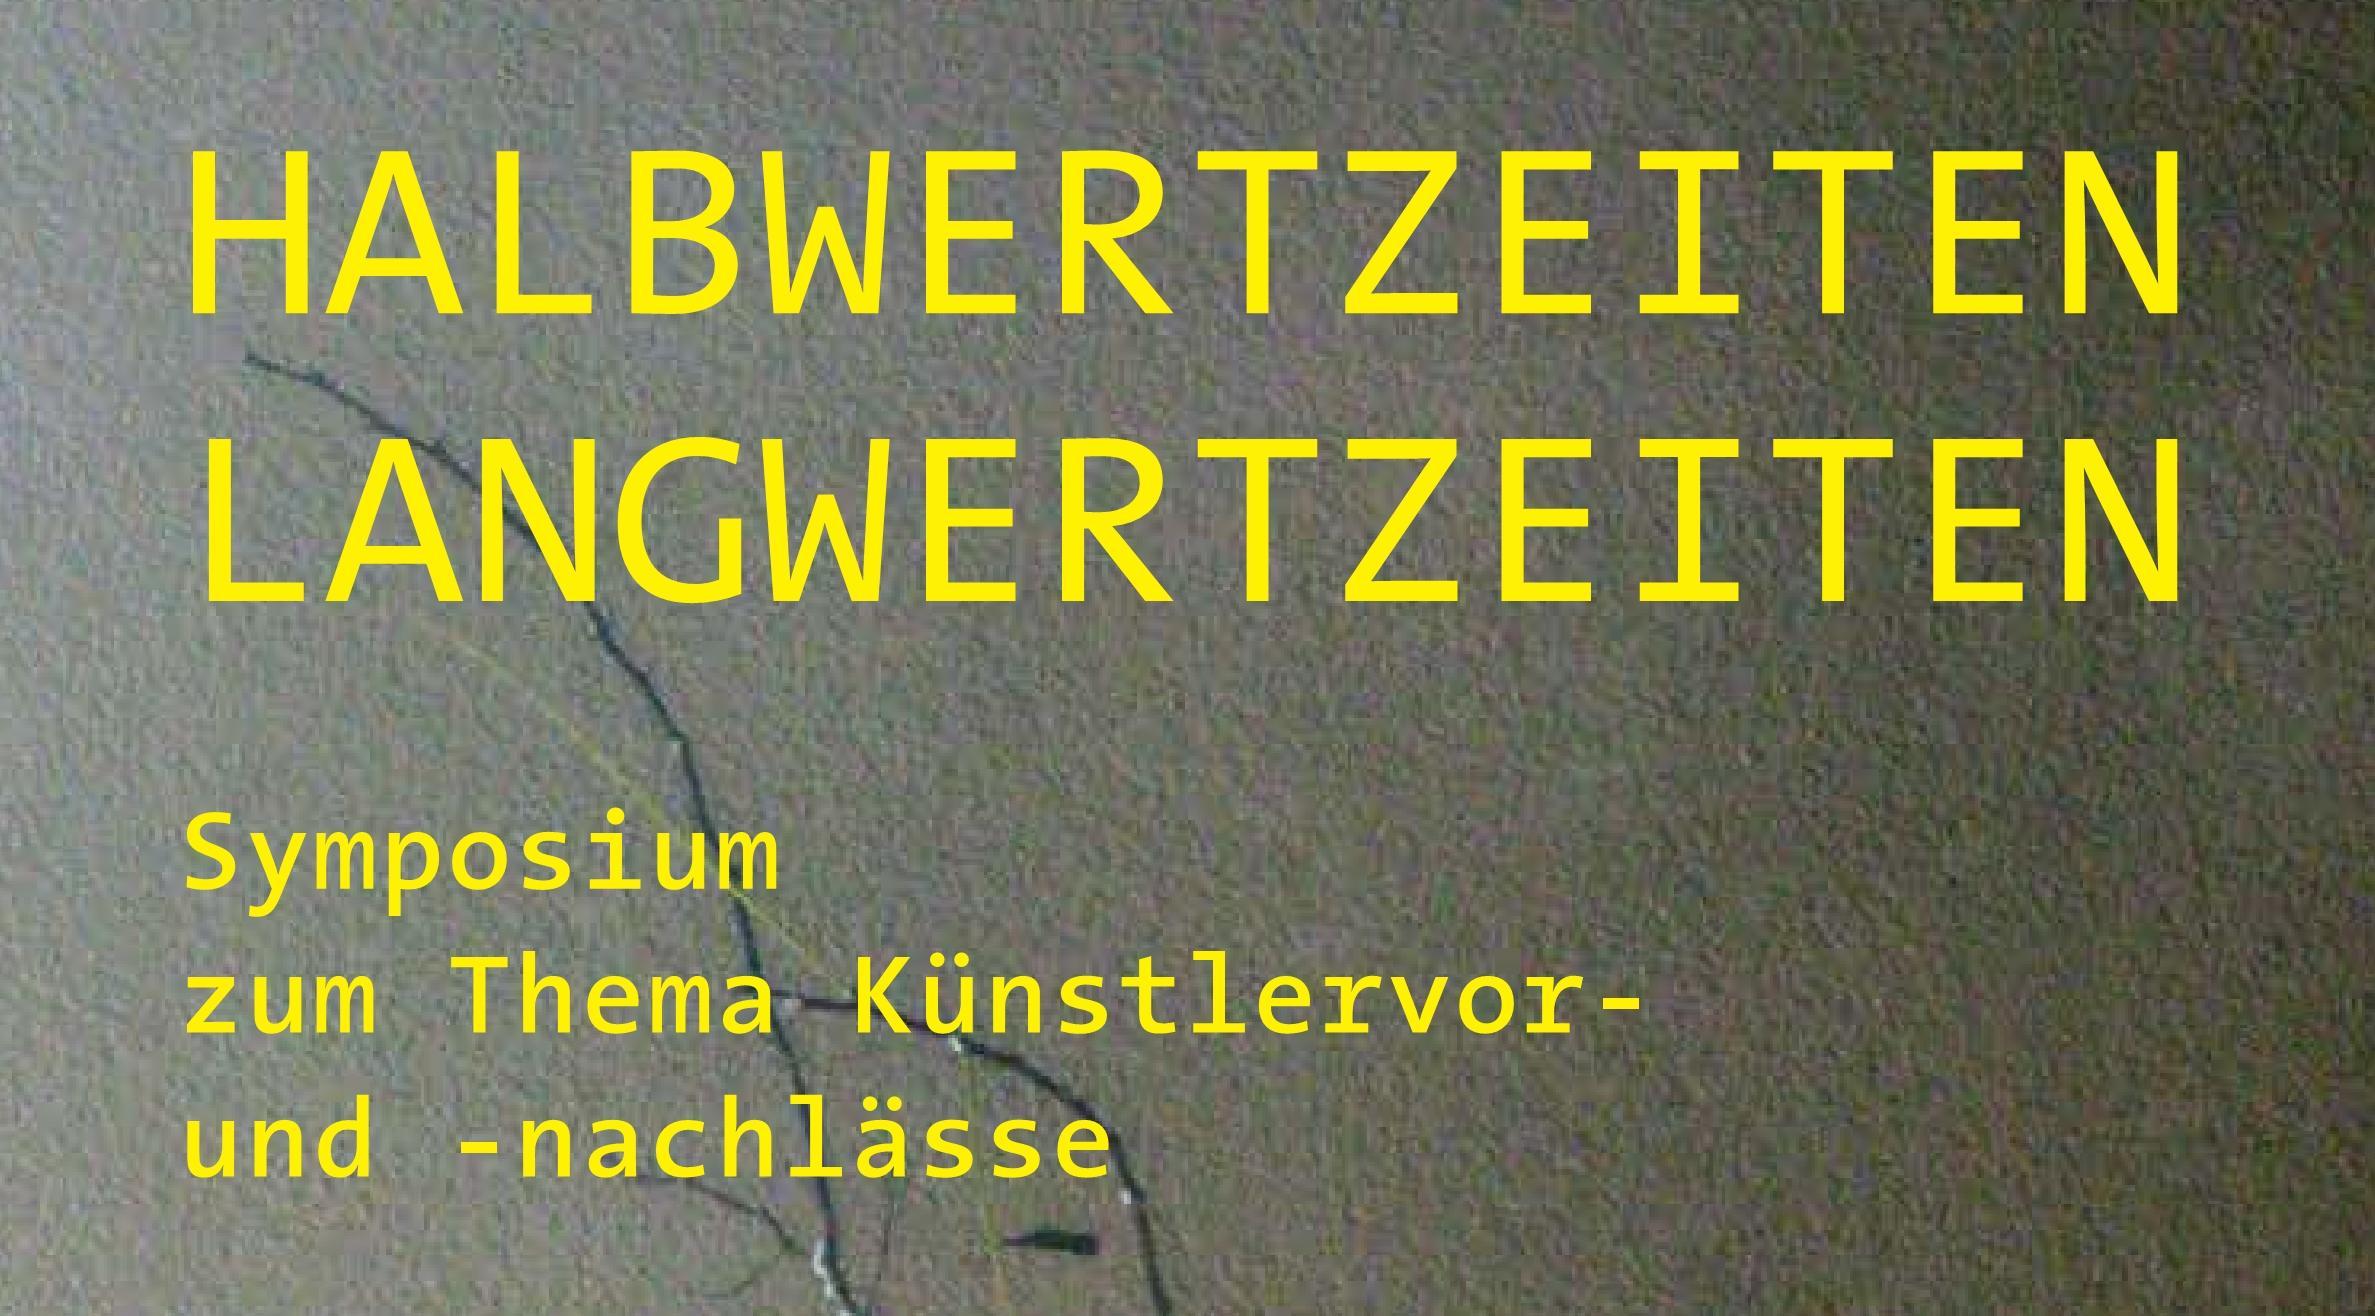 Halbwertzeiten Langwertzeiten - Symposium